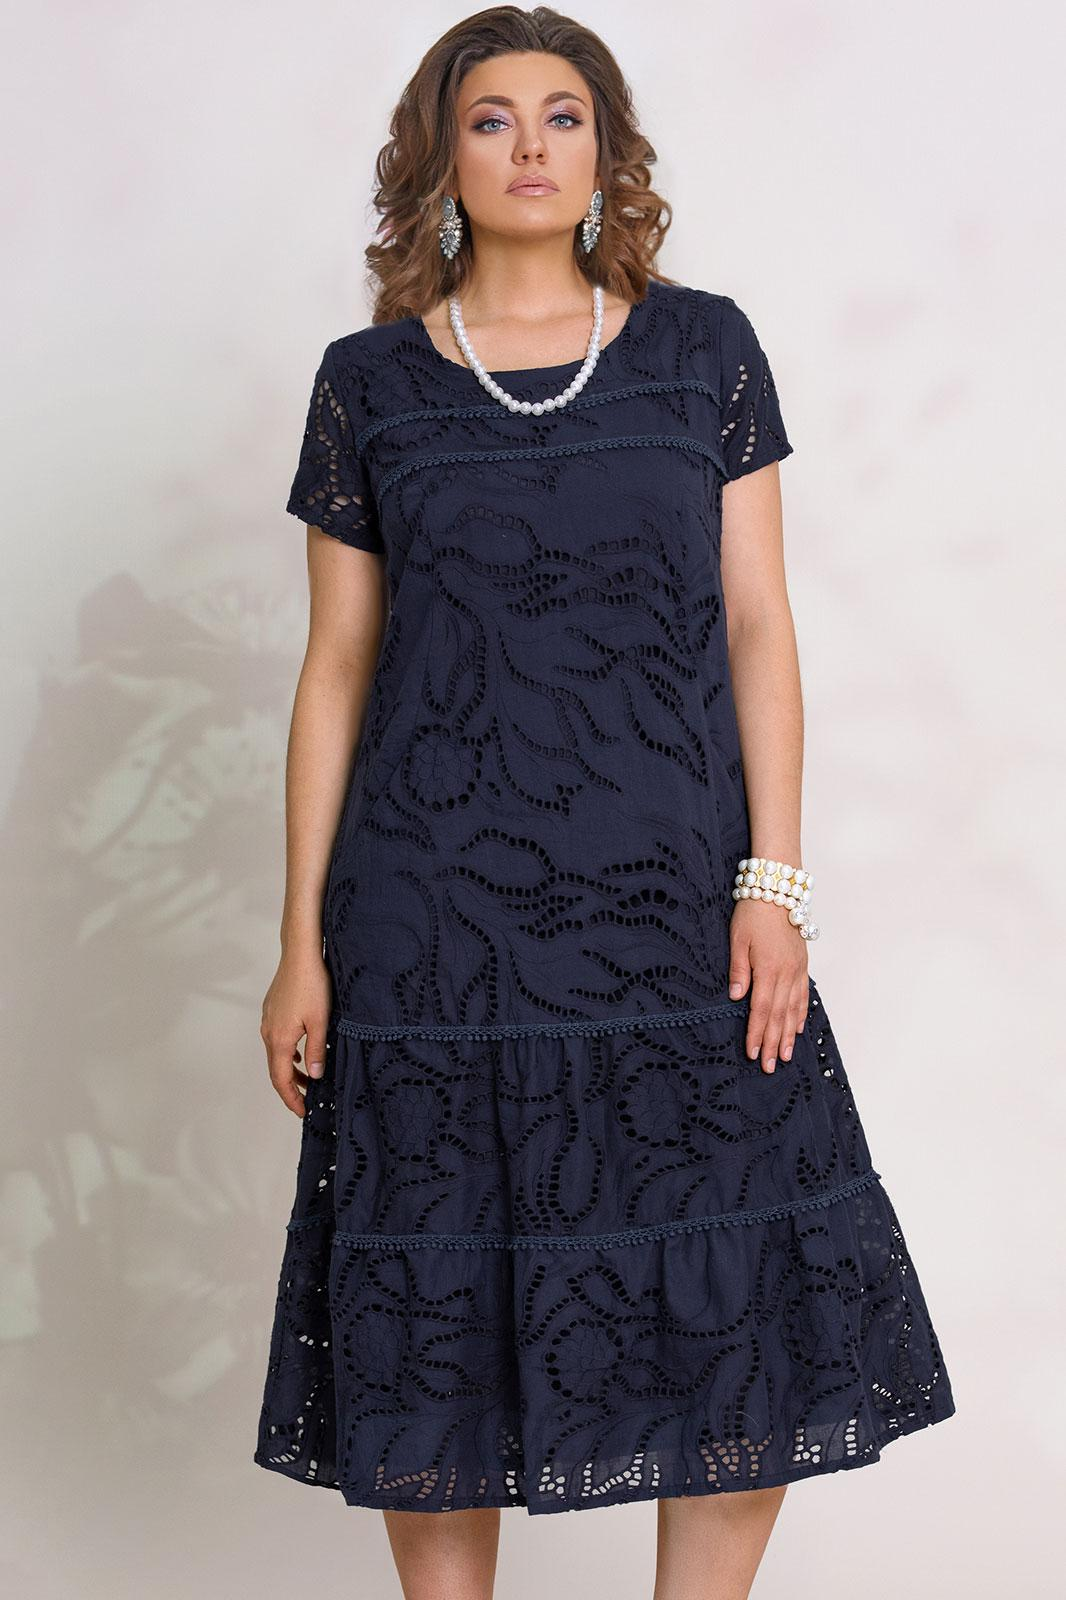 d63e0c59de6 Купить платье в интернет-магазине в Минске. Белорусские женские платья